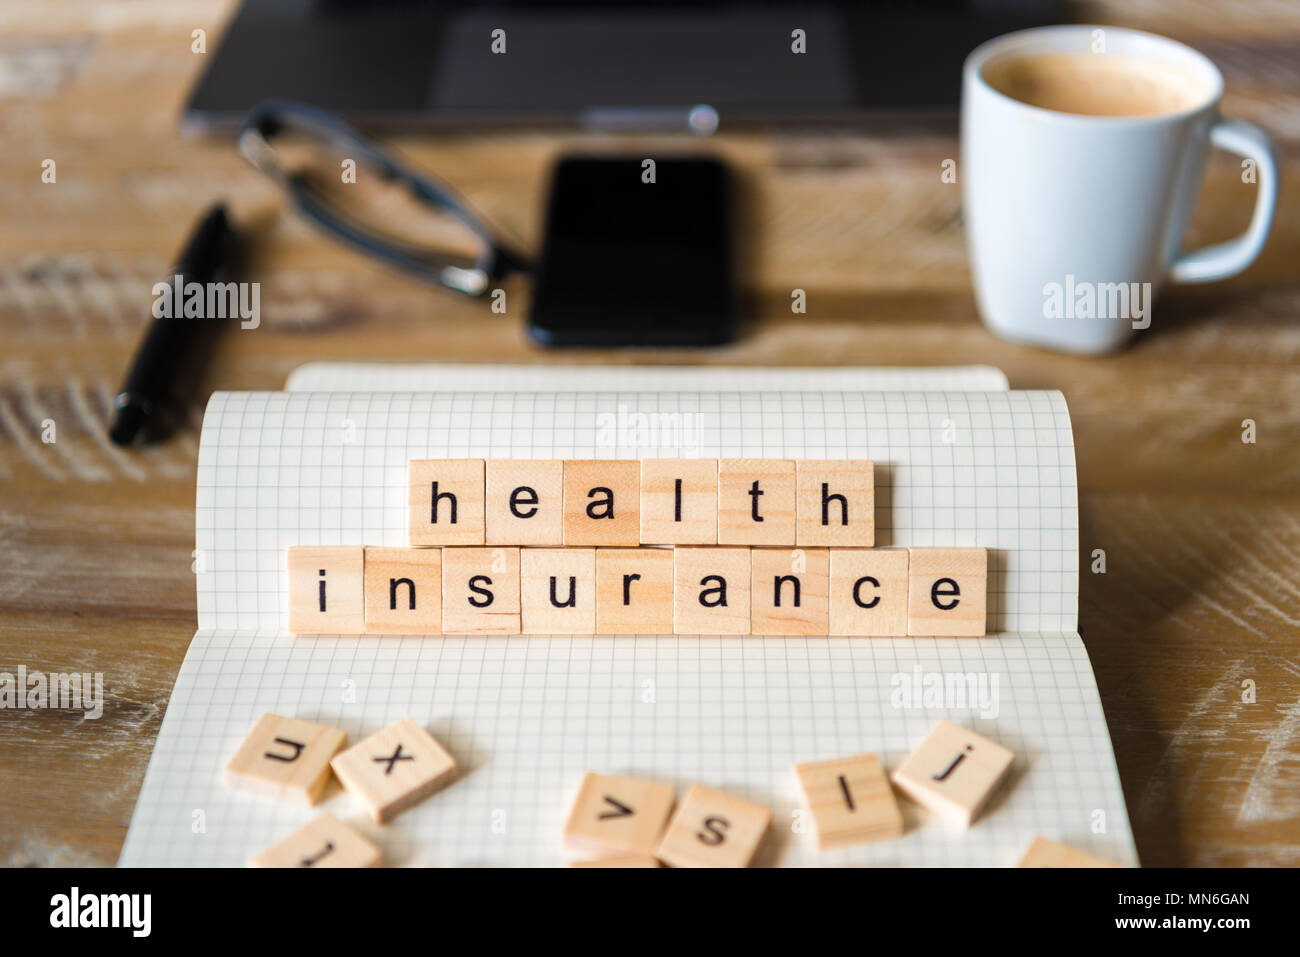 Nahaufnahme auf das Notebook um Holz Tisch Hintergrund, auf Holzblöcken mit Buchstaben, Krankenversicherung Worte konzentrieren. Stockbild